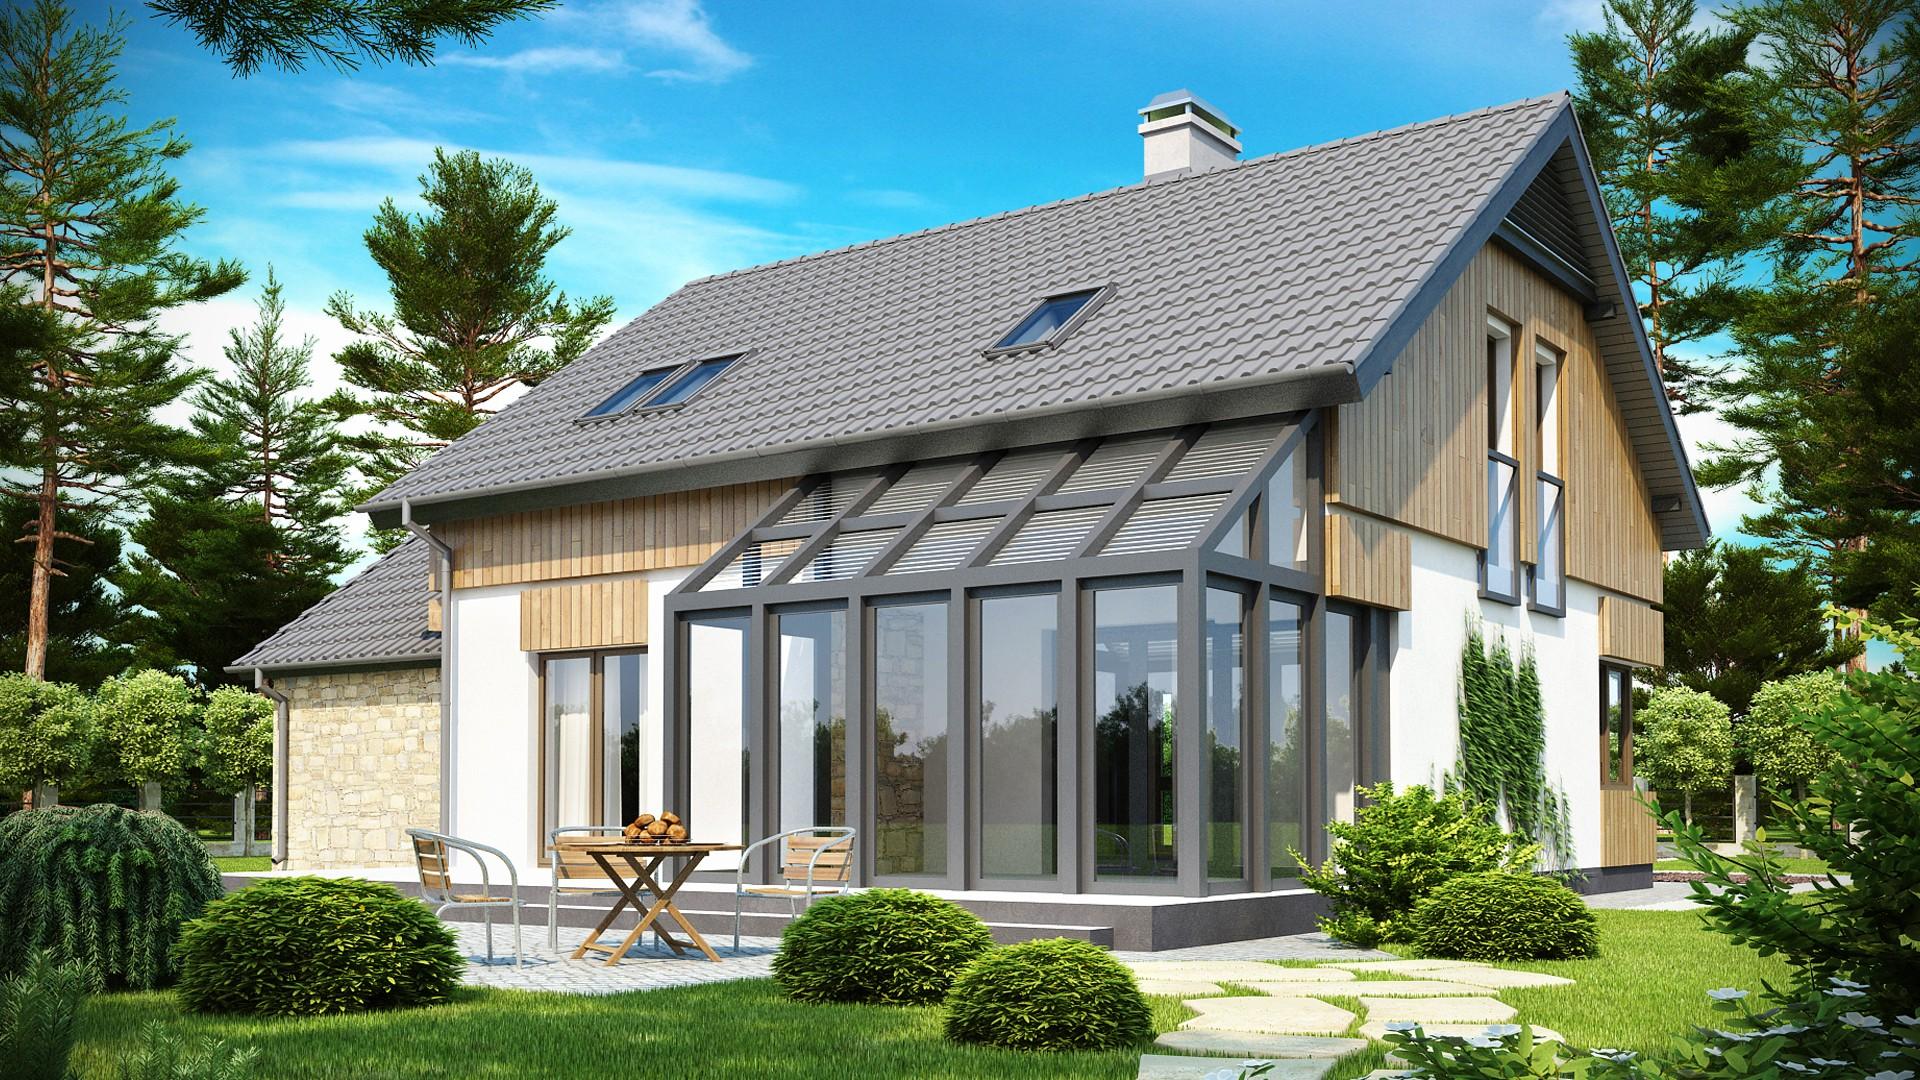 Проект дома с застеклённой террасой dom4m беларусь архитекту.